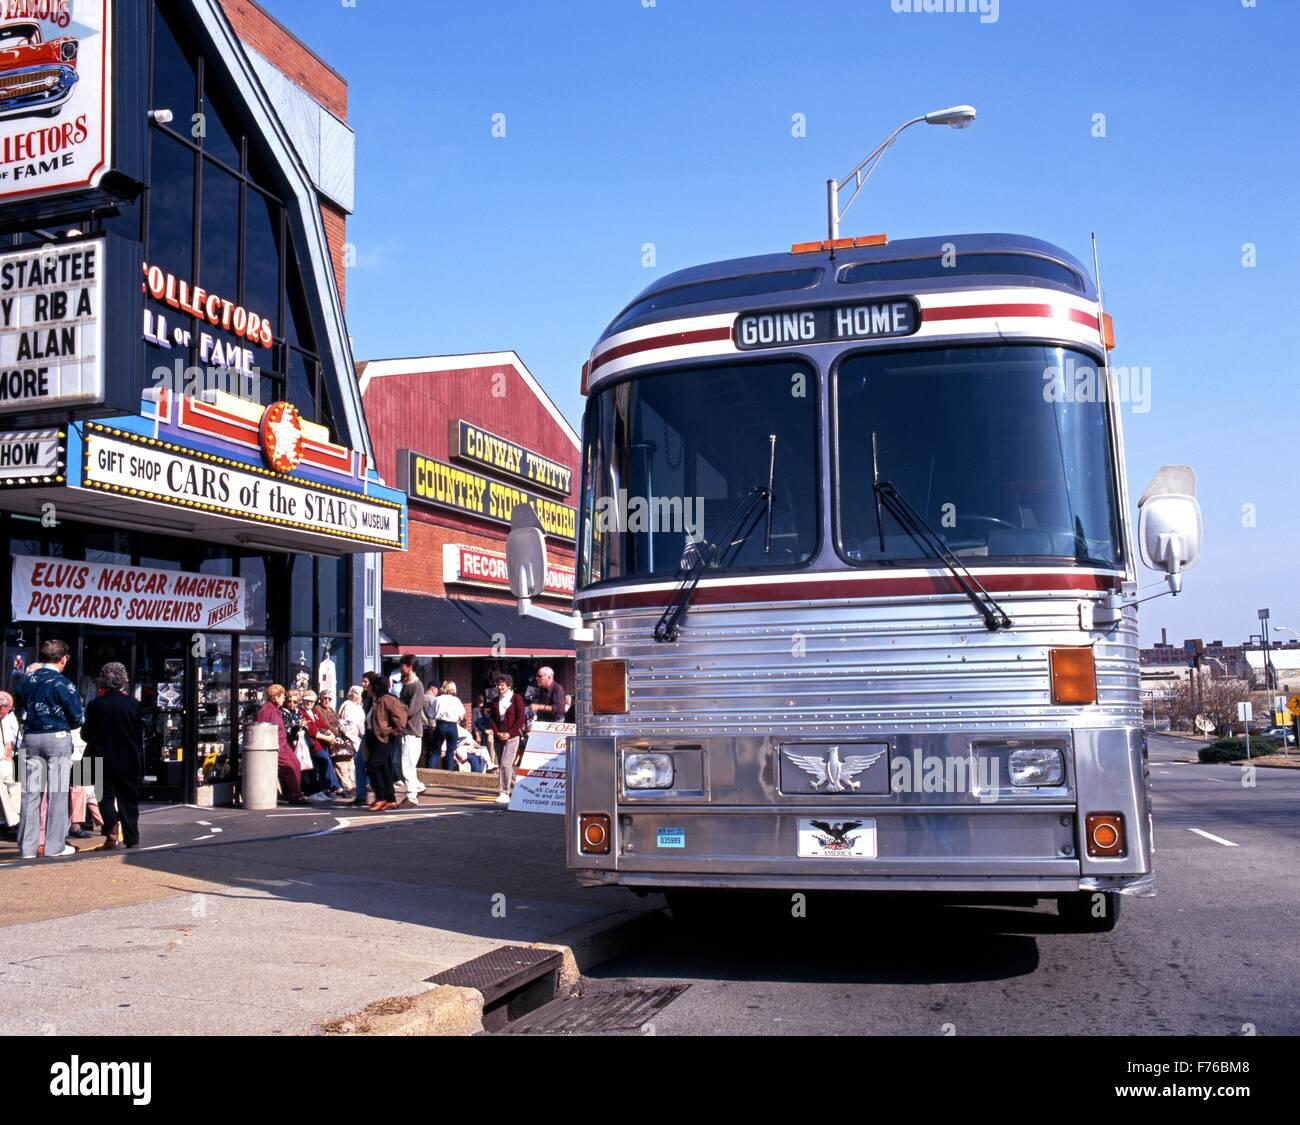 Tour-Bus geparkt außerhalb Geschäfte und Firmen entlang Music Row, Nashville, Tennessee, Vereinigte Staaten Stockbild